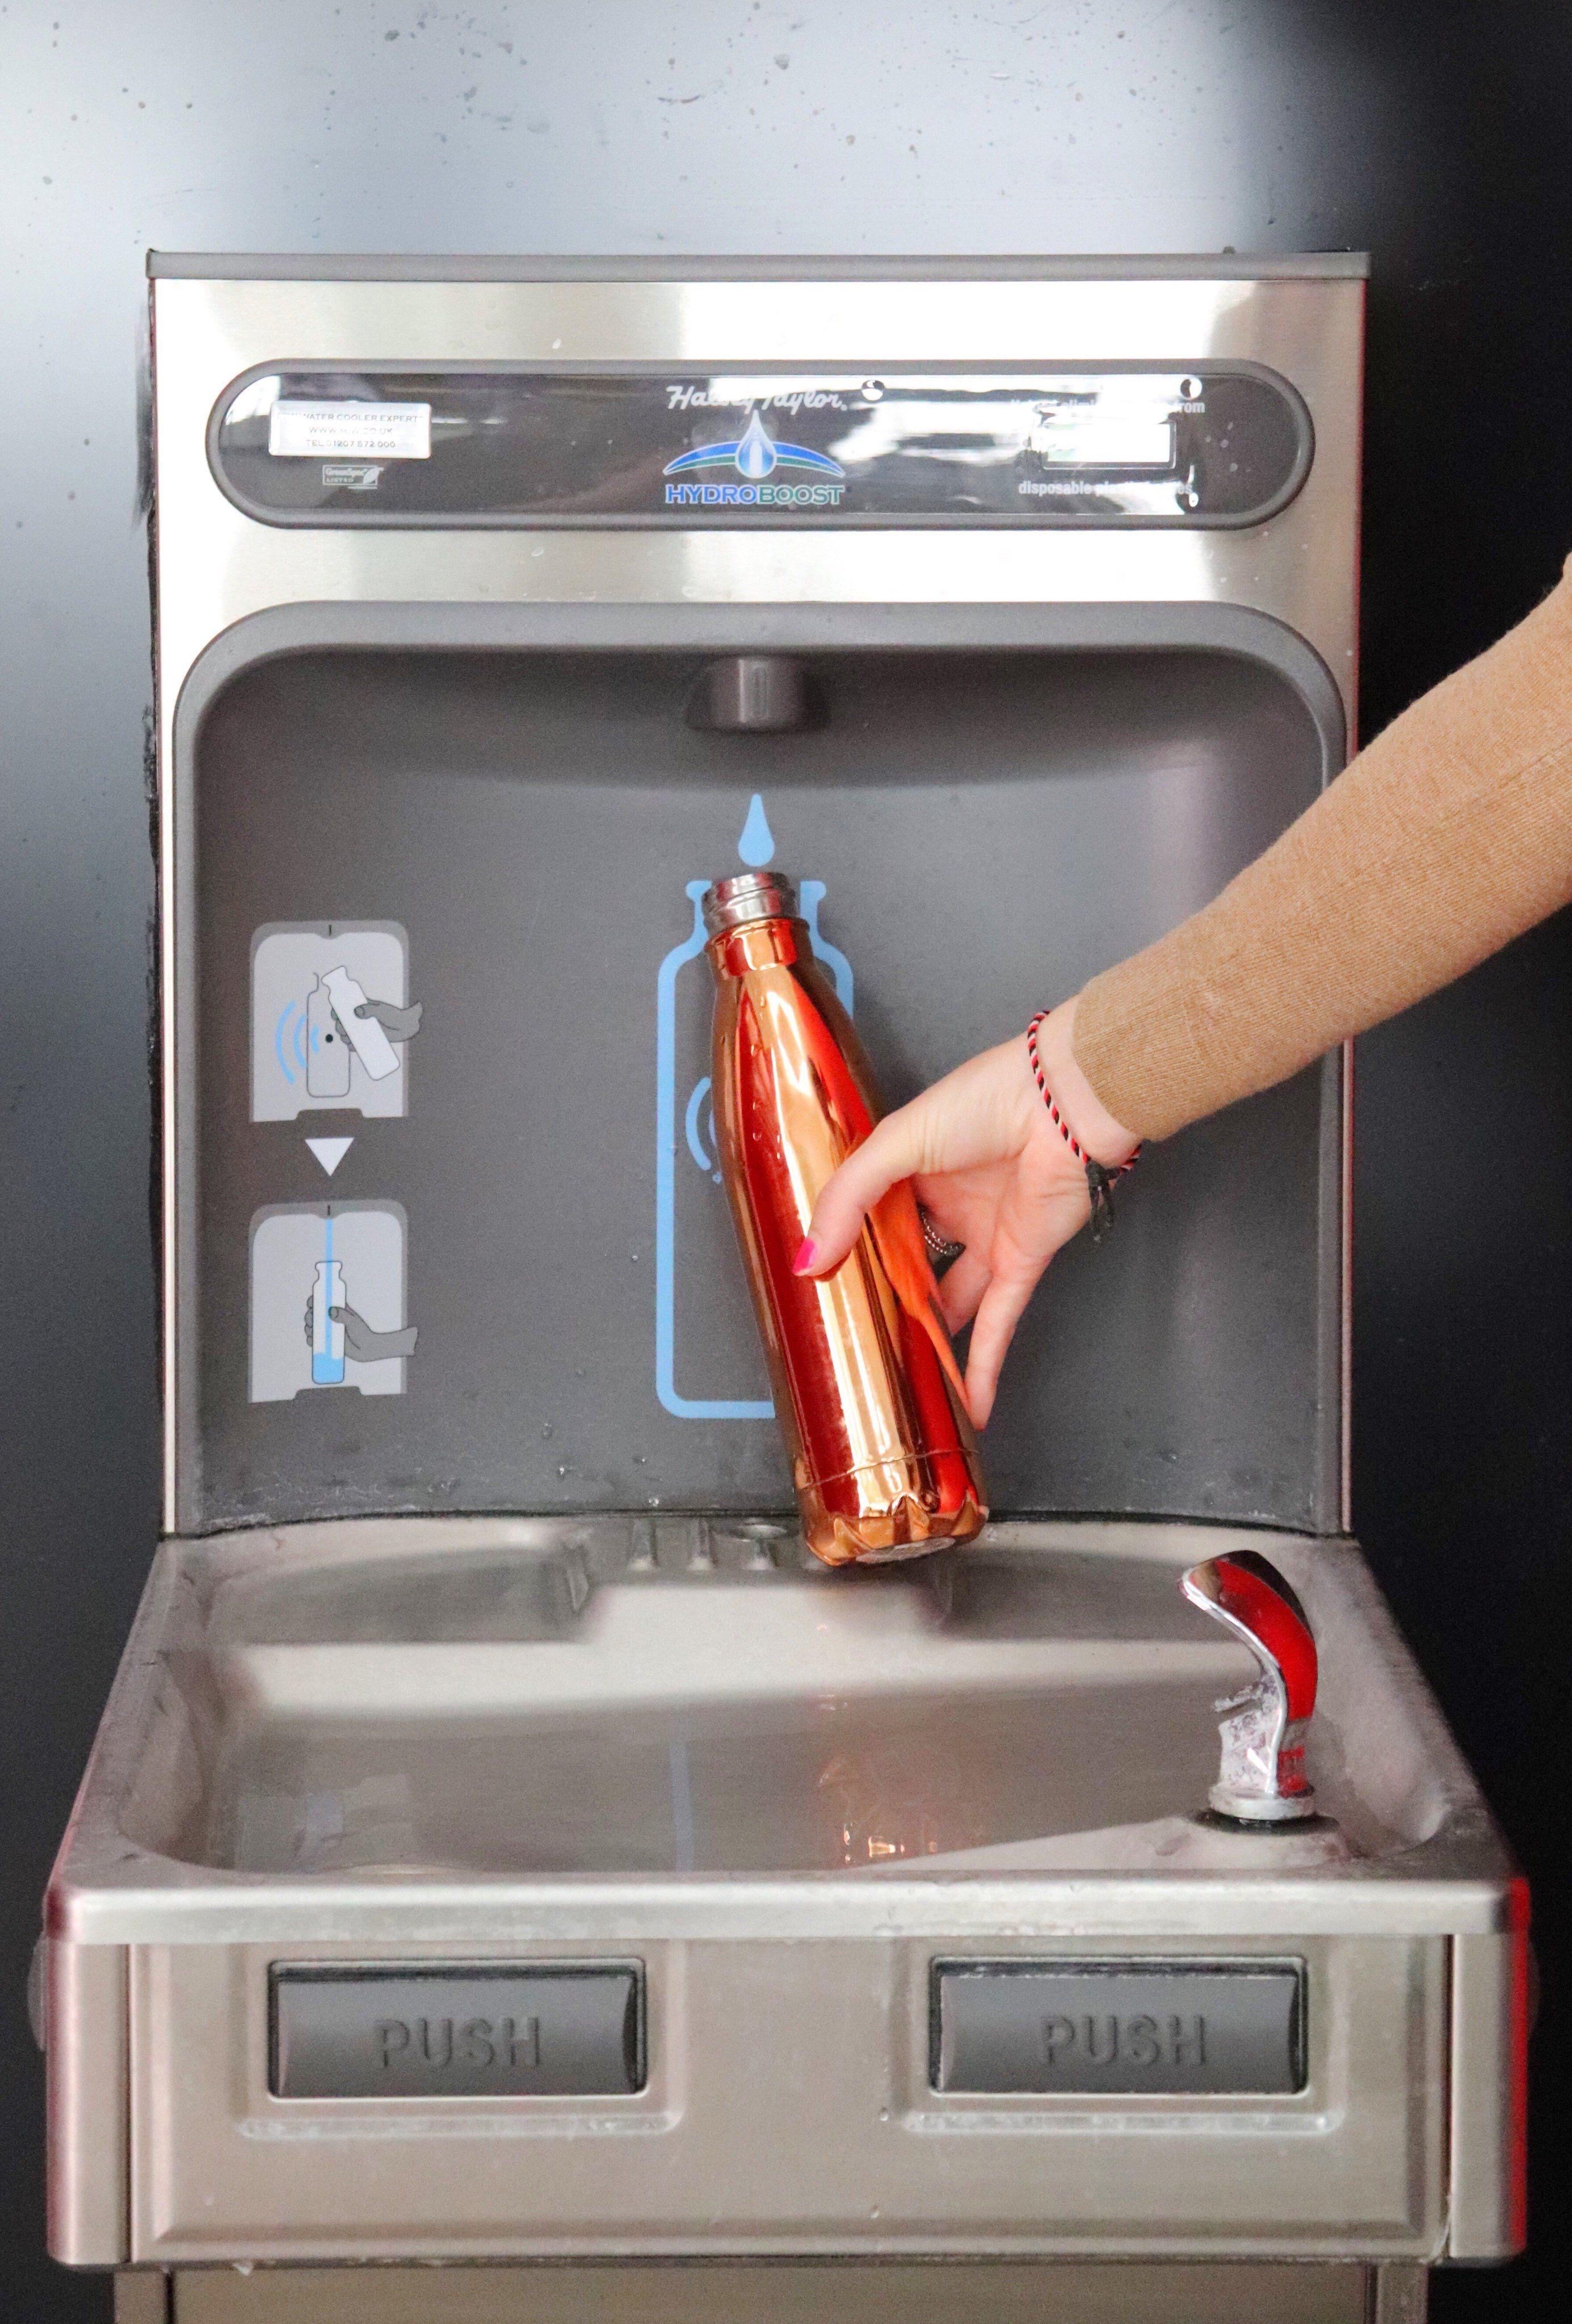 Customer refilling their reusable water bottle at the new bottle filler.